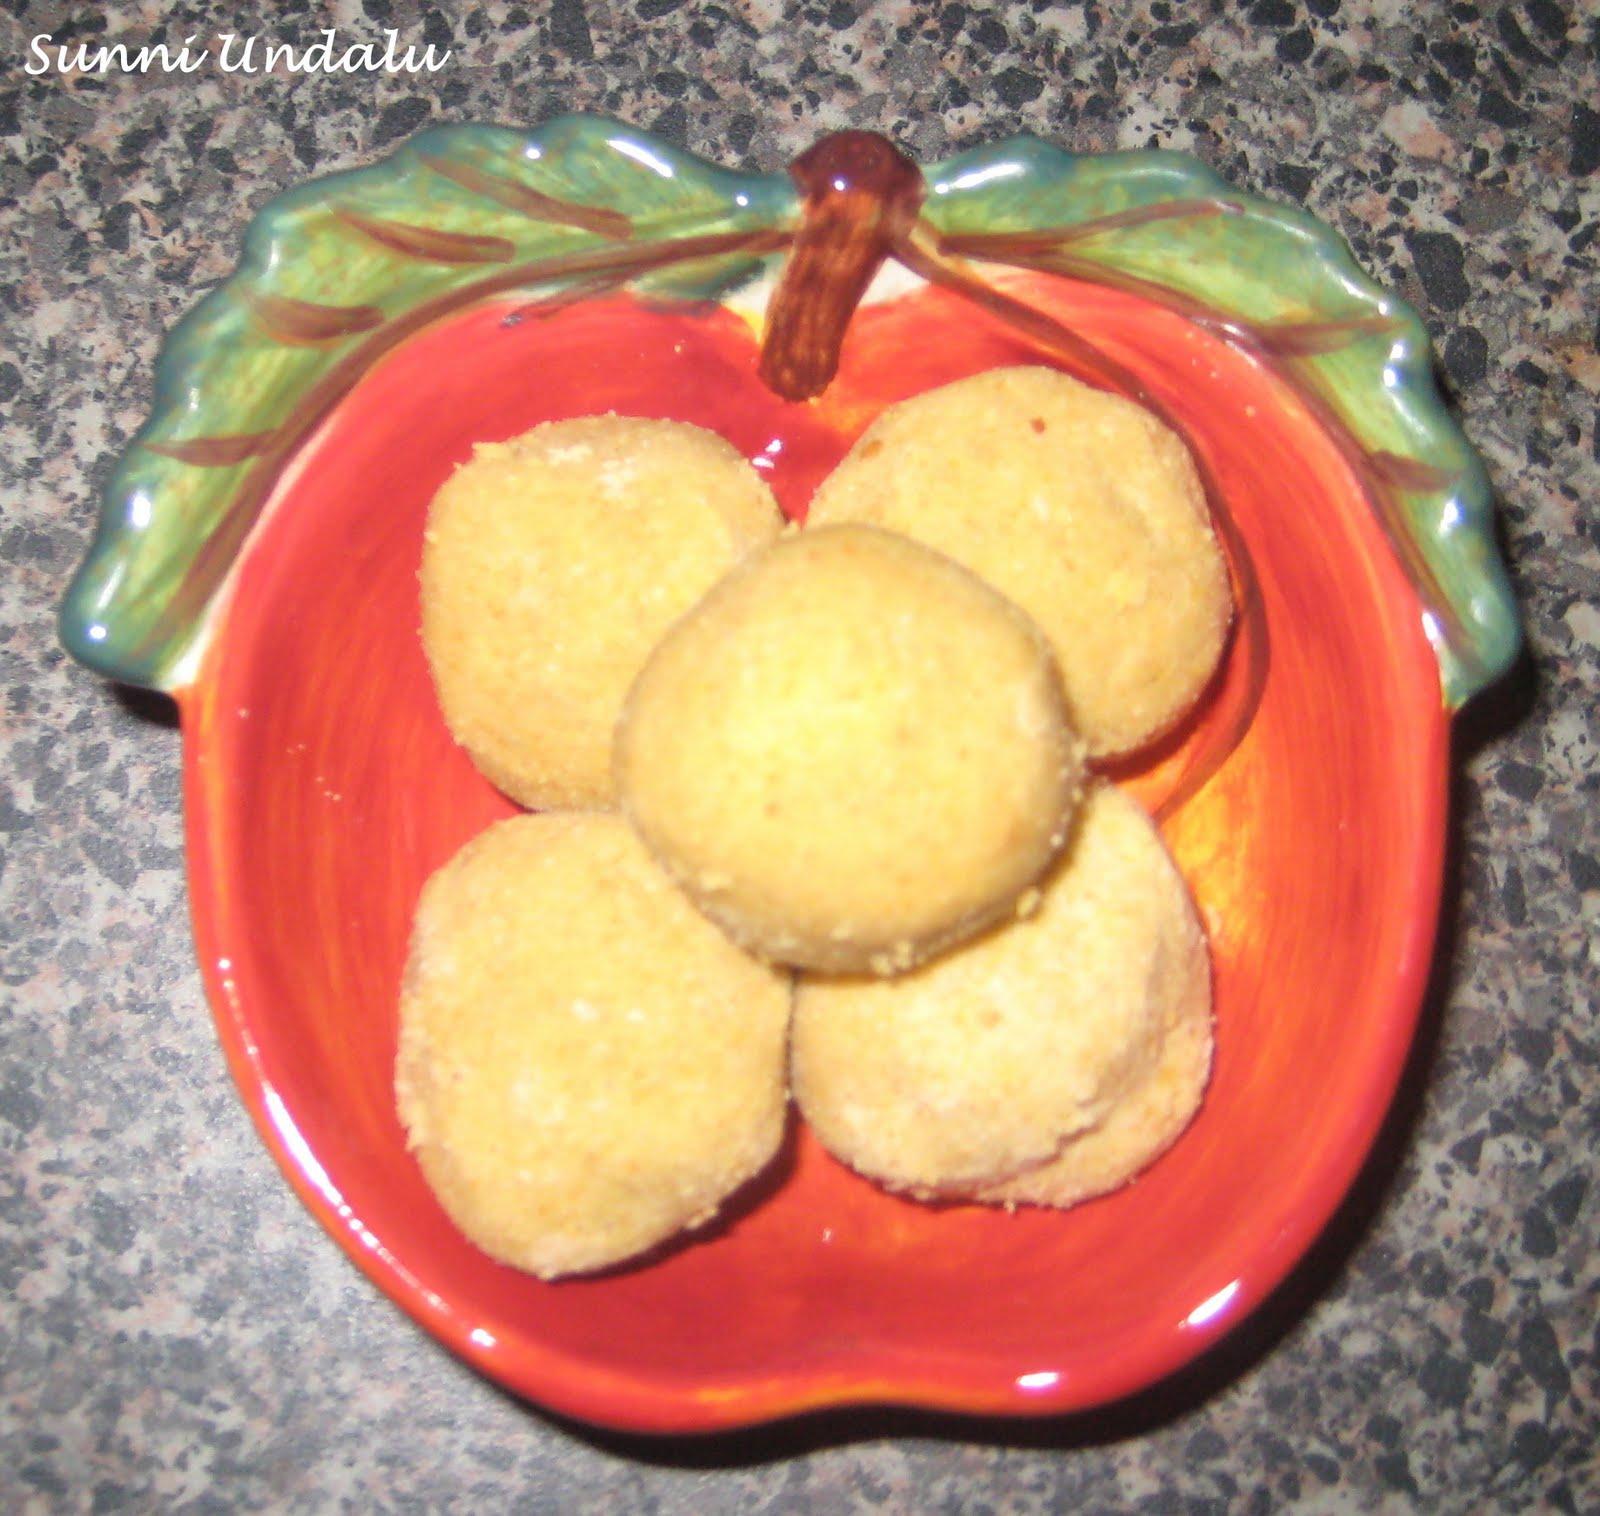 Madhuras Indian Kitchen